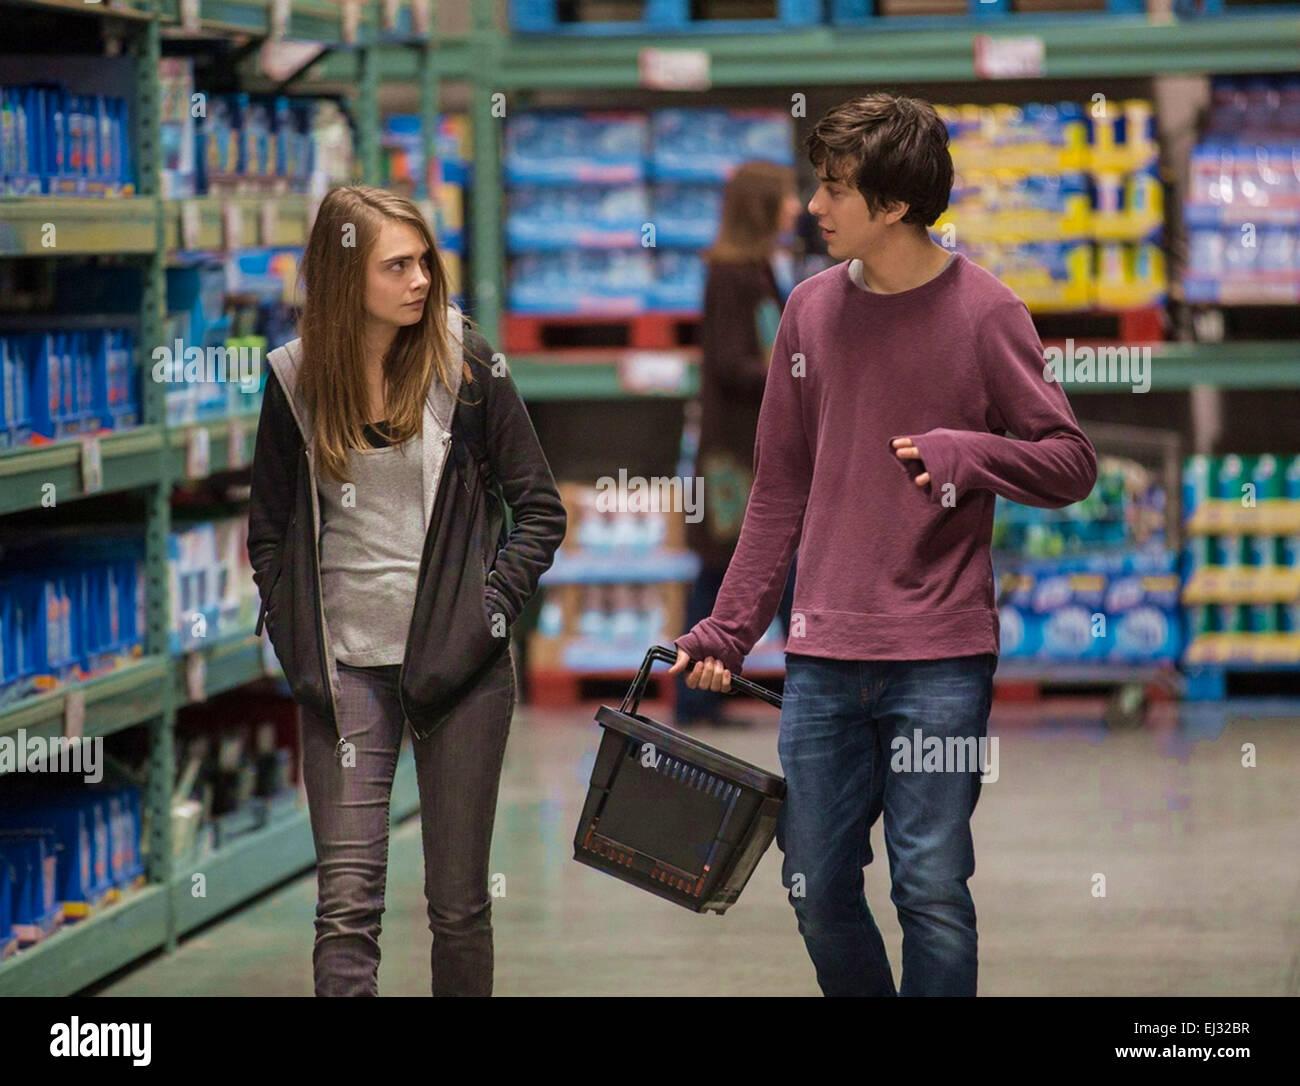 Las ciudades de papel 2015 20th Century Fox Film con Cara Delevigne y Nat Wolff Imagen De Stock